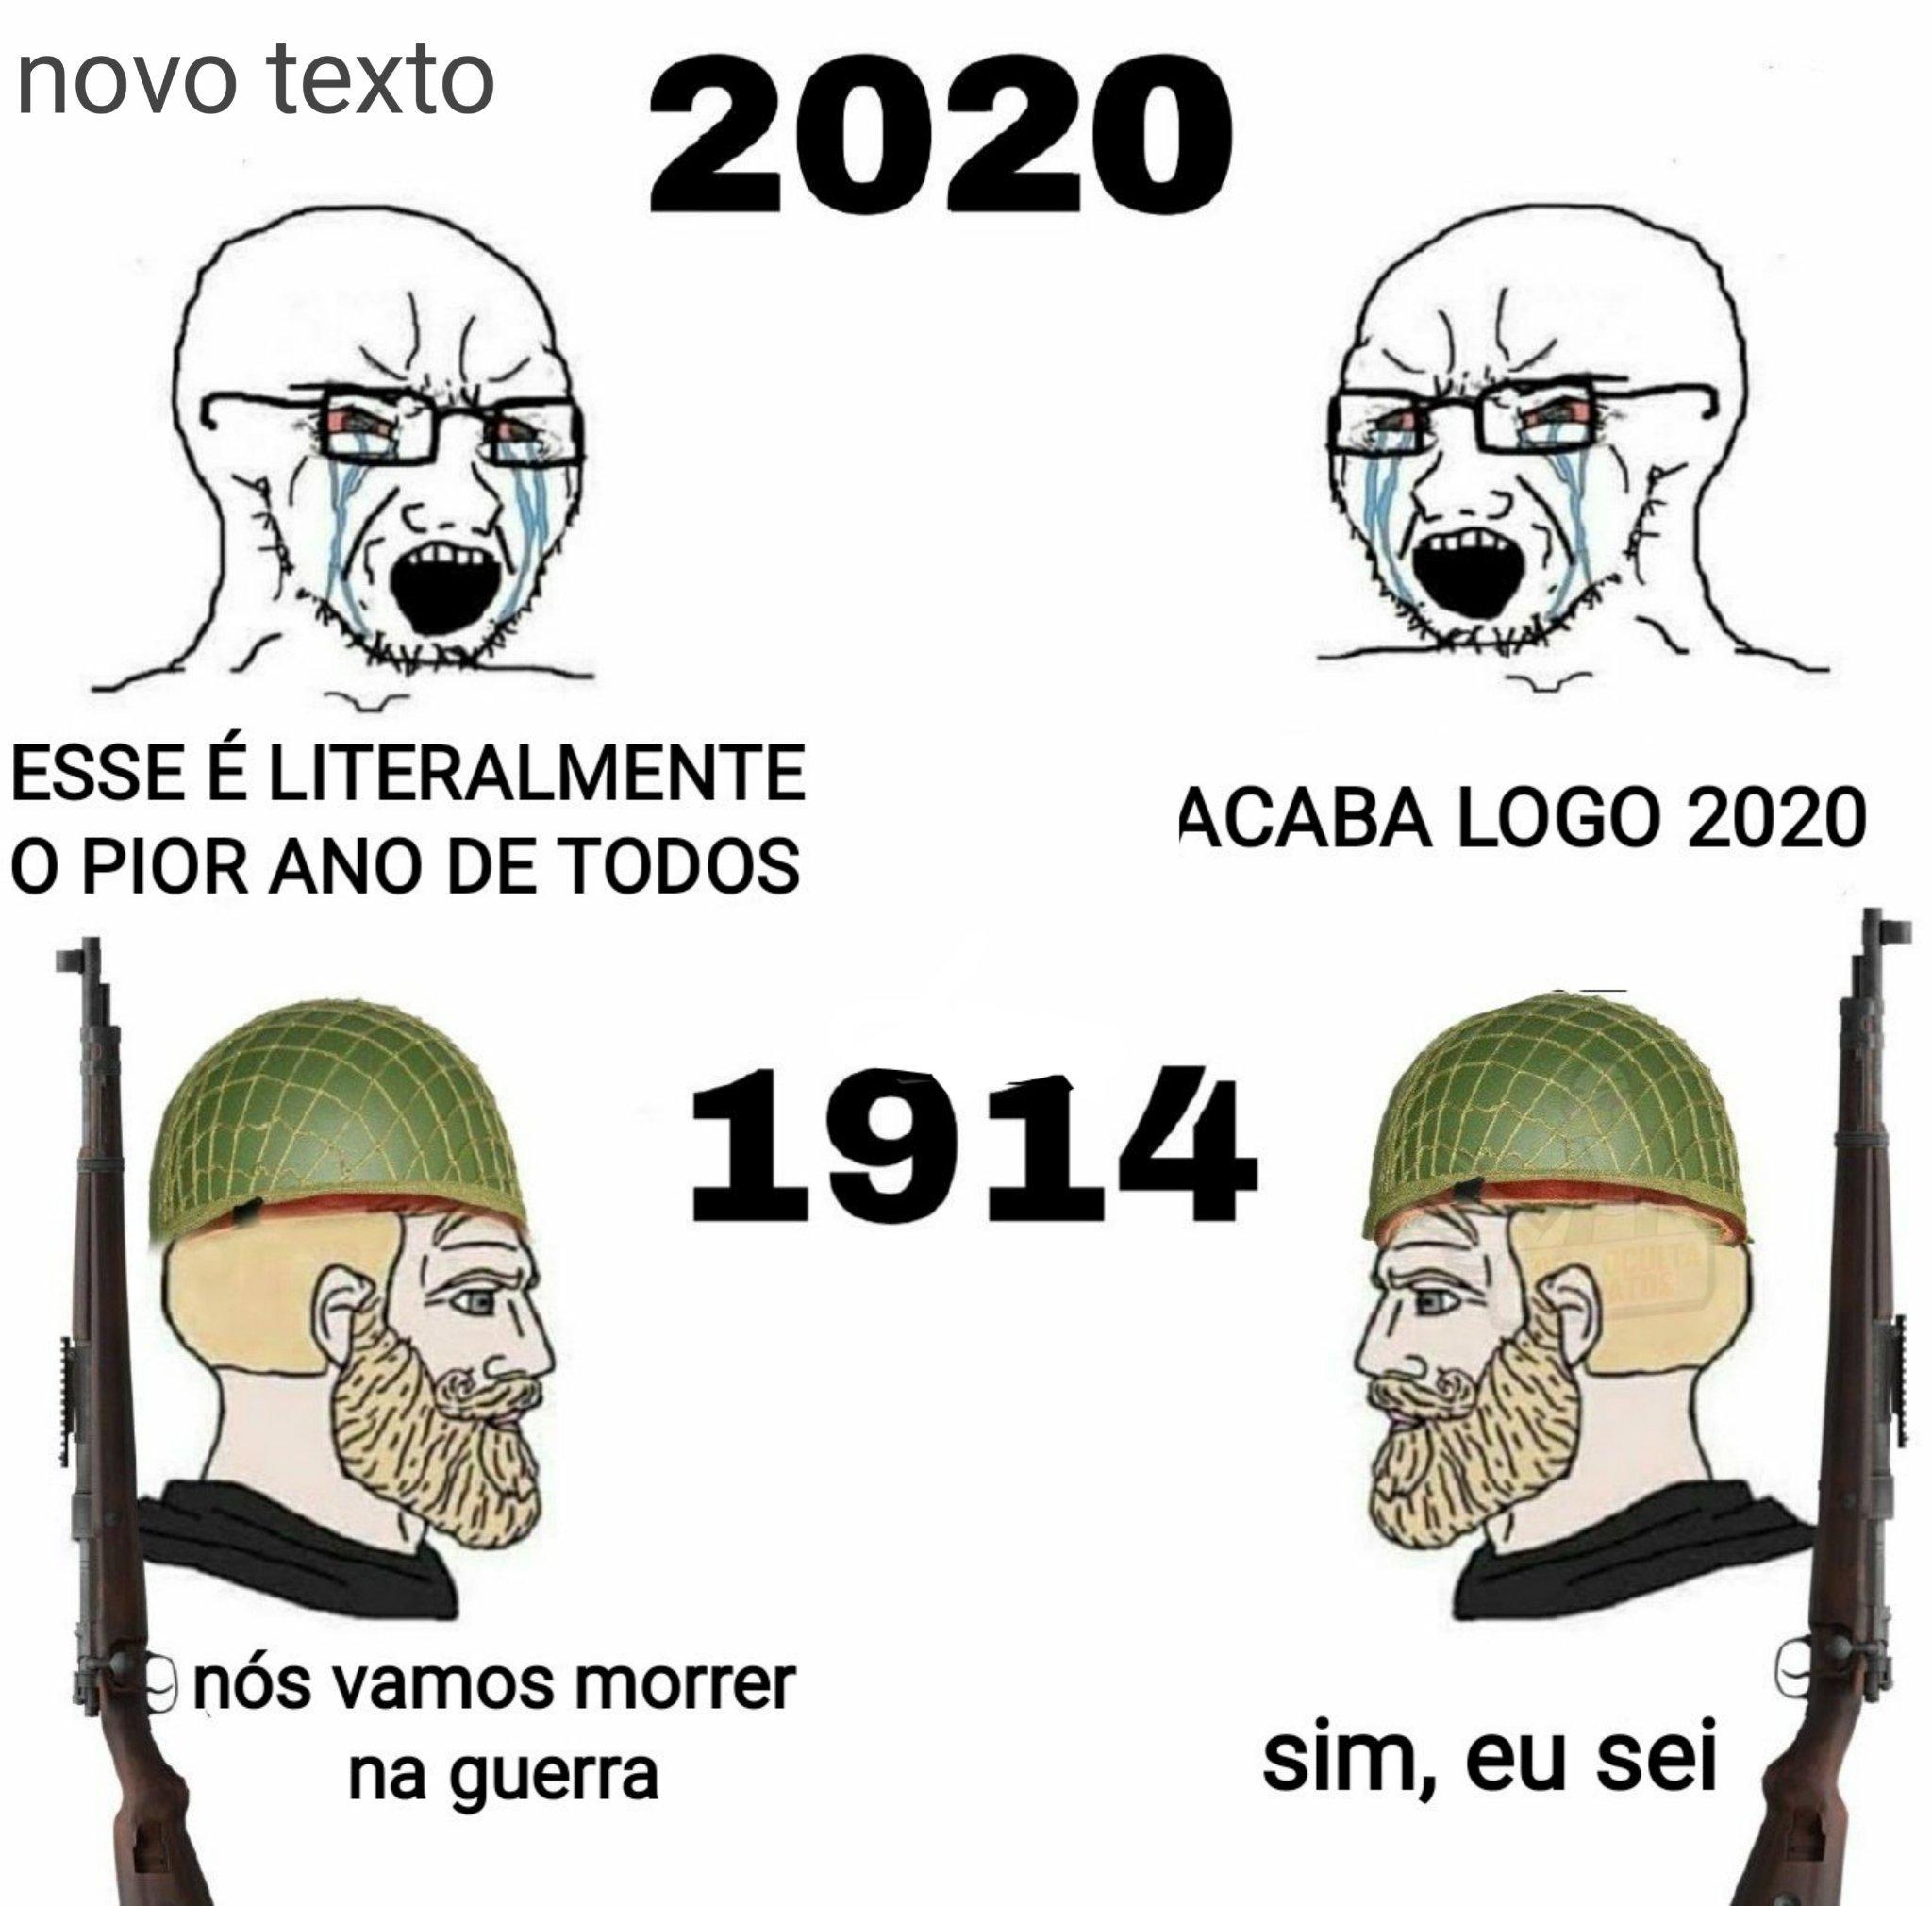 Guerra - meme